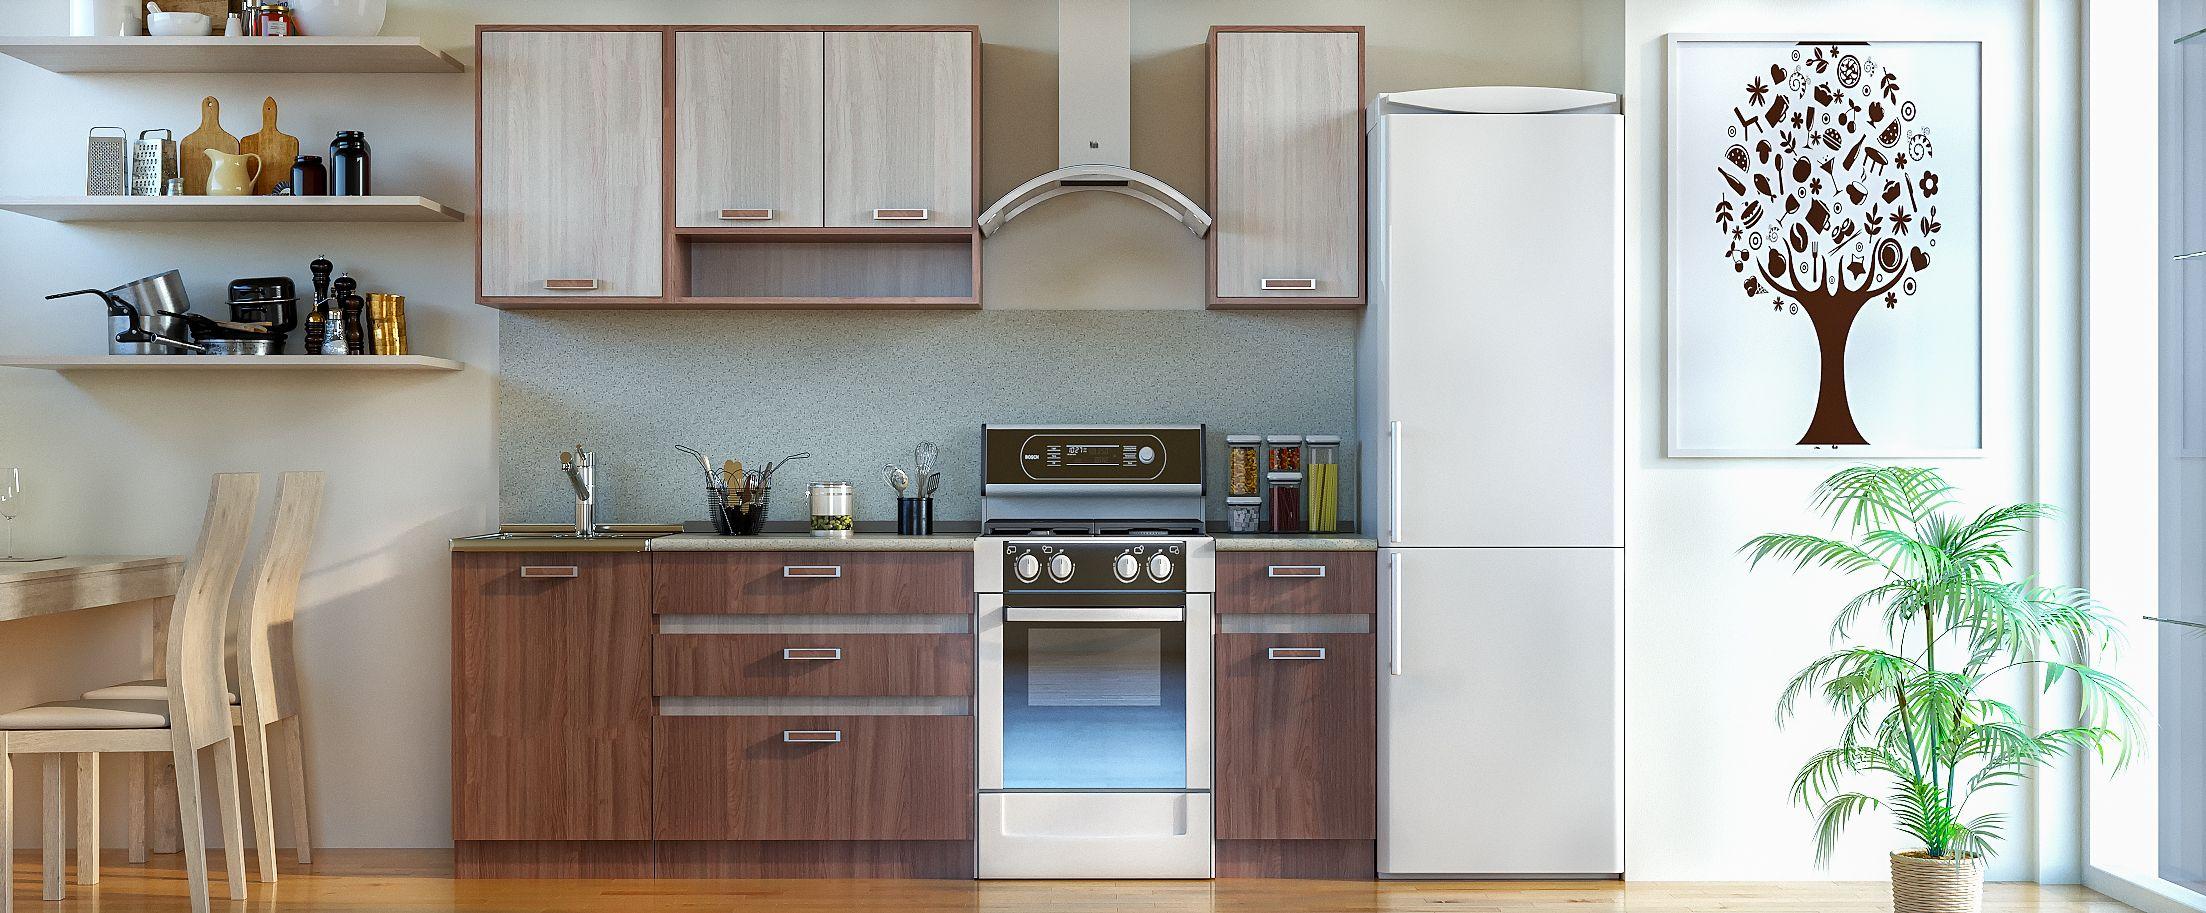 Кухня Шимо темный 1,7 мКупить удобный и практичный набор кухонного гарнитура в интернет магазине MOON TRADE. Быстрая доставка, вынос упаковки, гарантия! Выгодная покупка!<br>